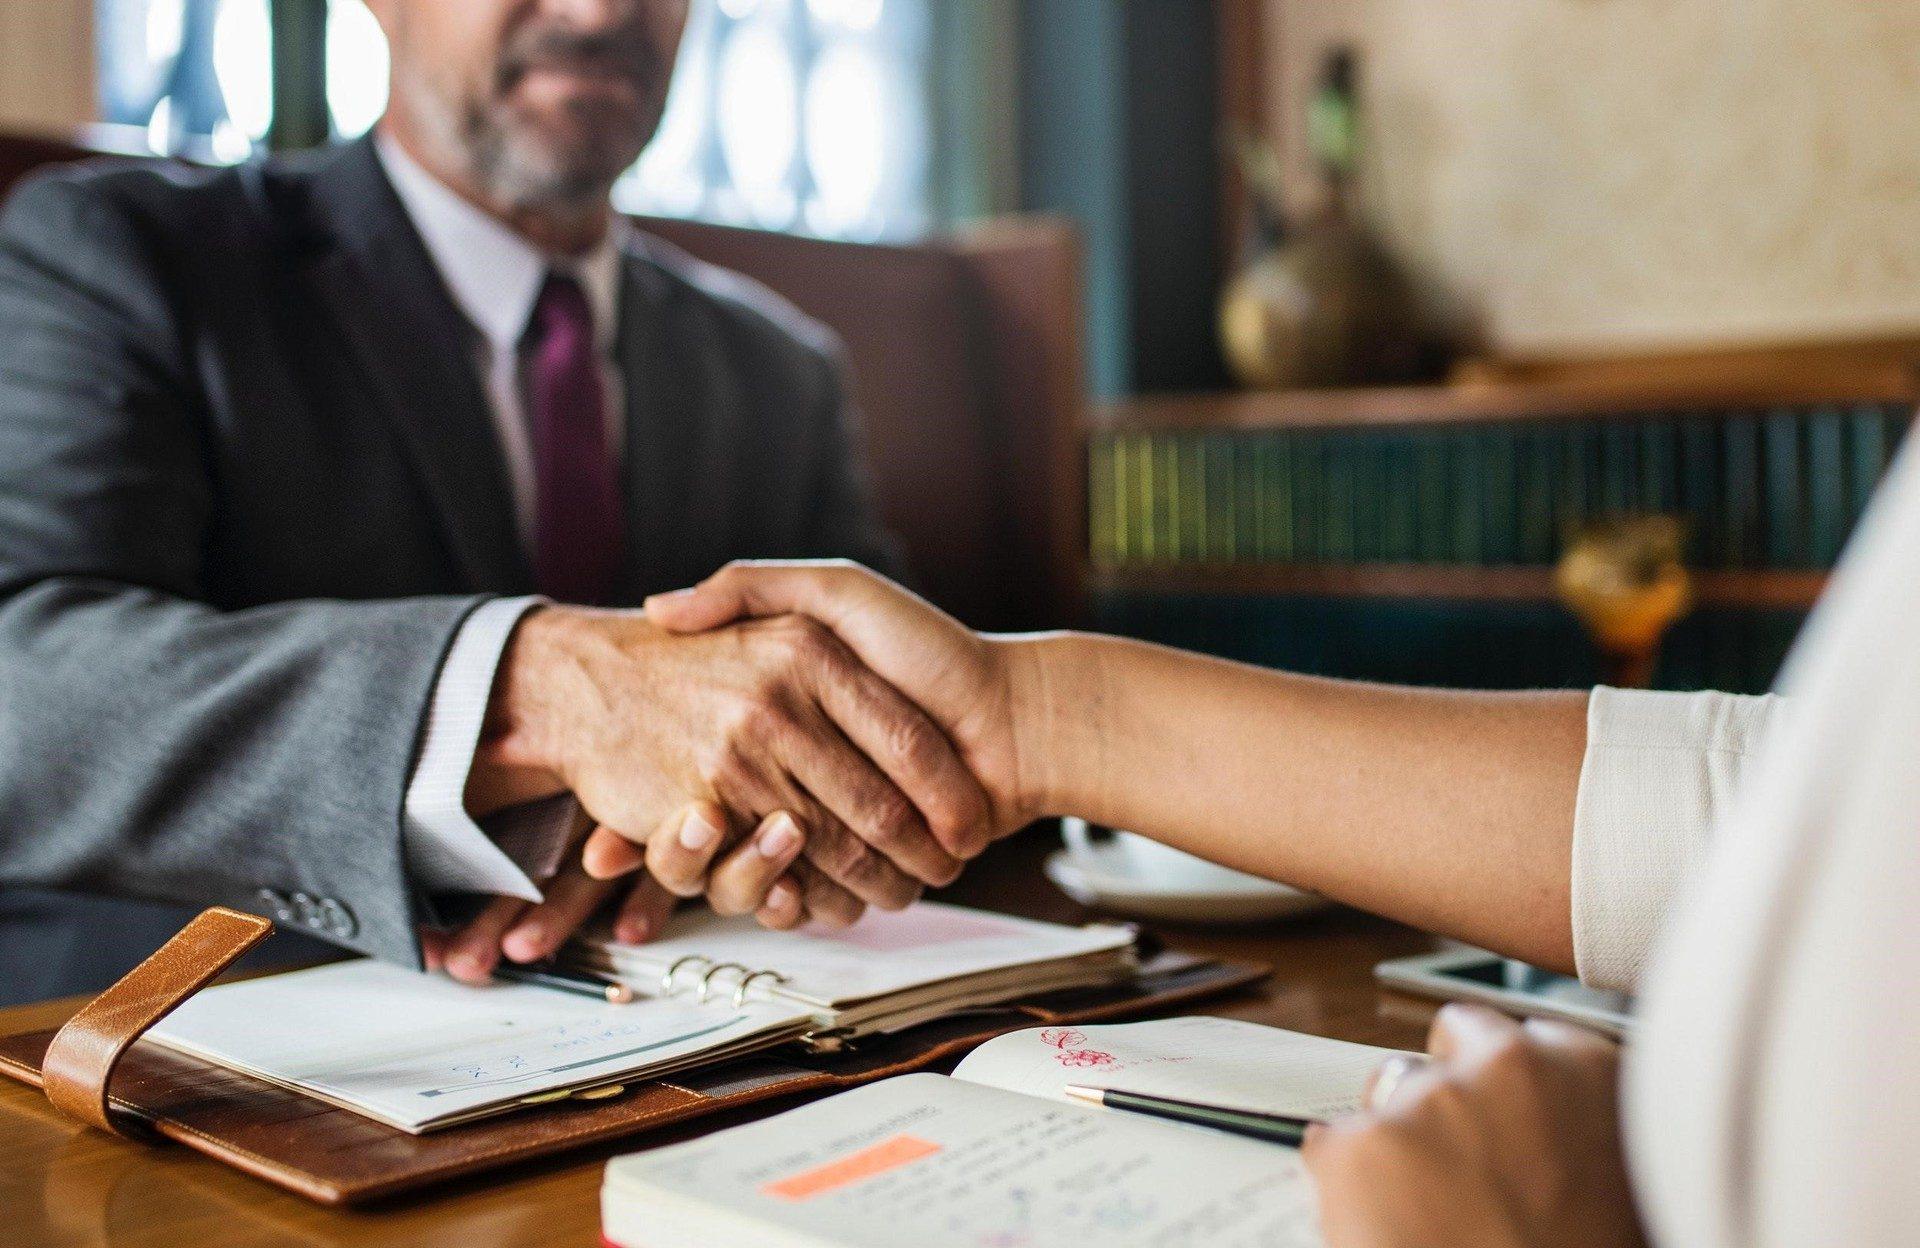 Har ert företag en plan med sina samarbeten?